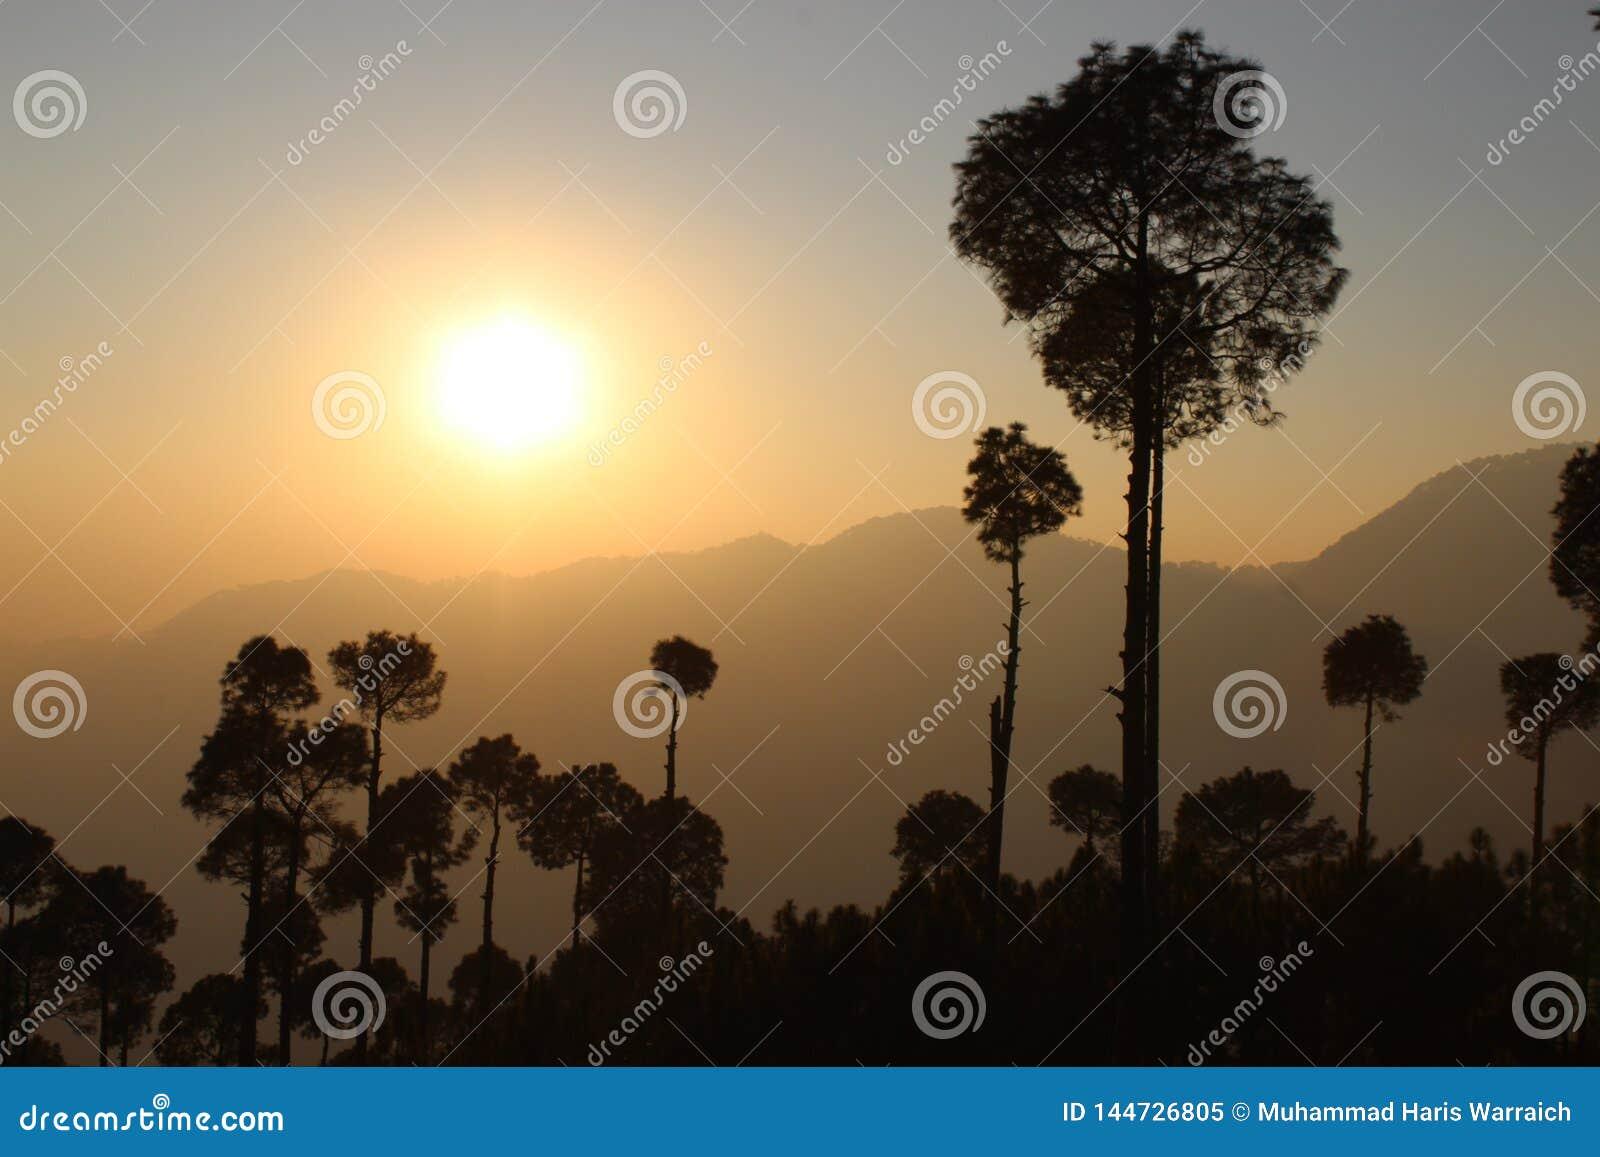 Силуэт дерева на заходе солнца